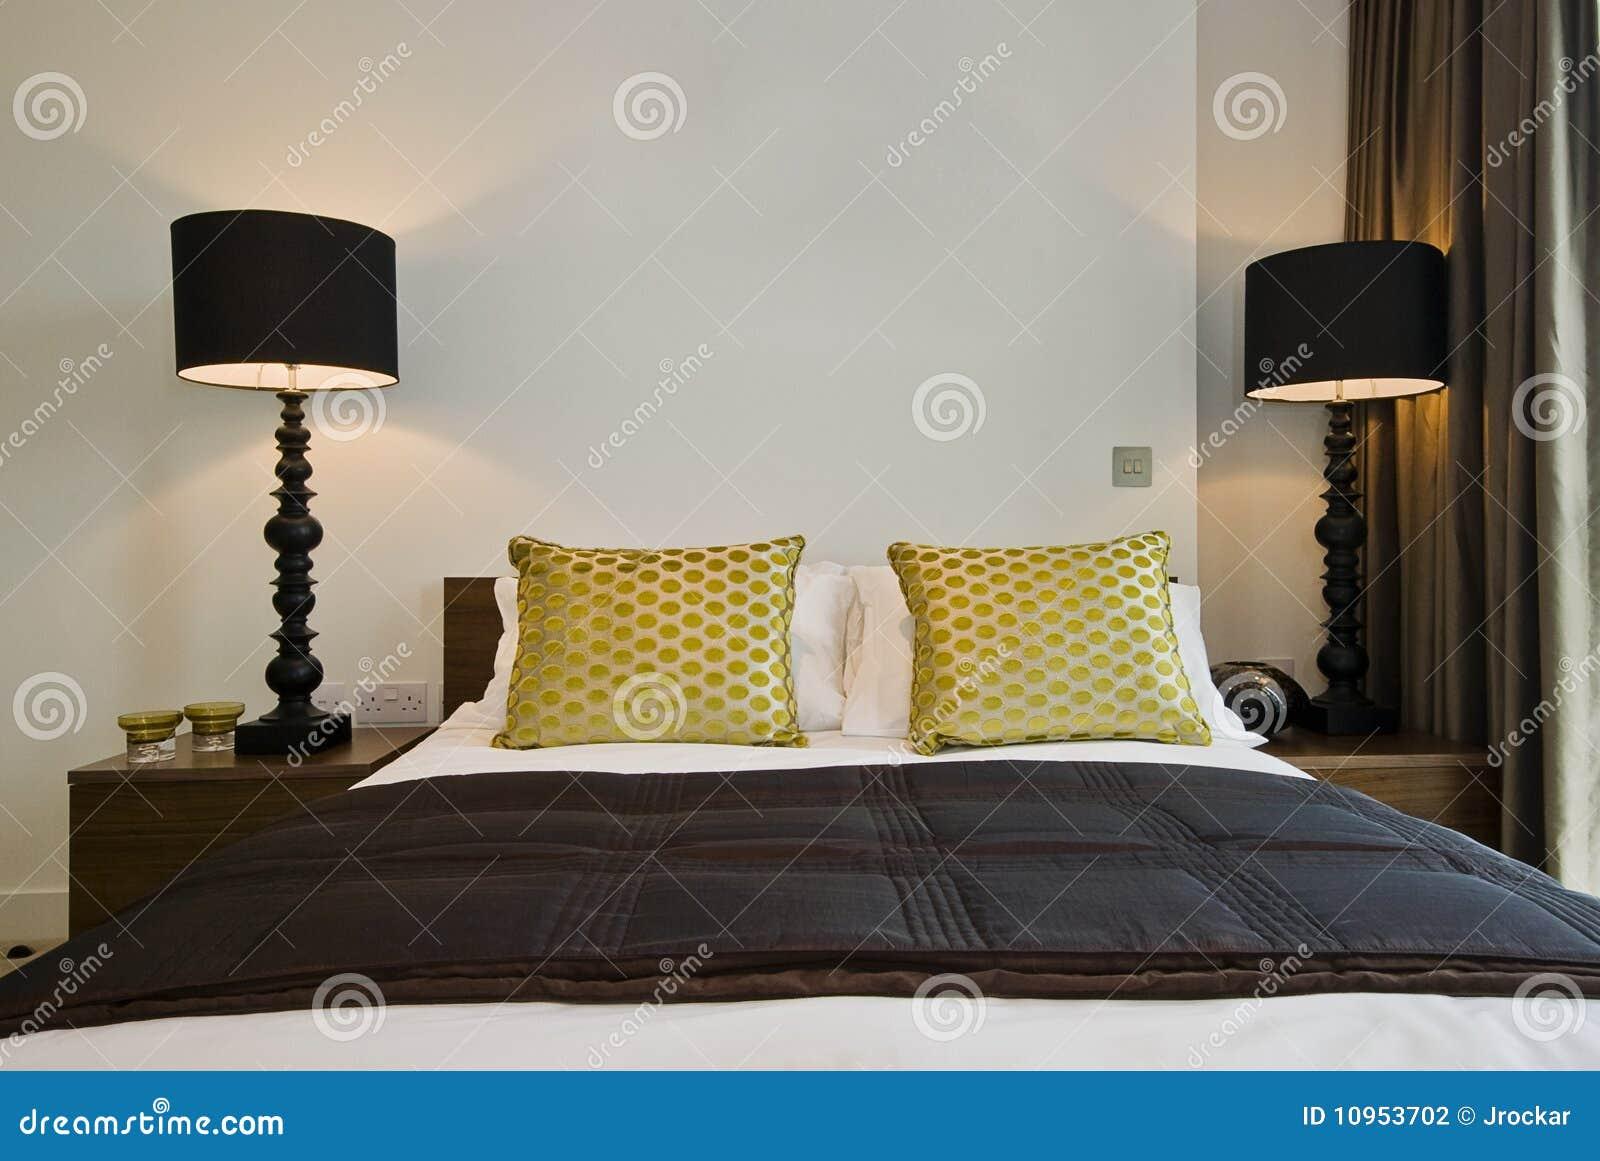 Particolare della camera da letto fotografia stock - Descrizione della camera da letto ...